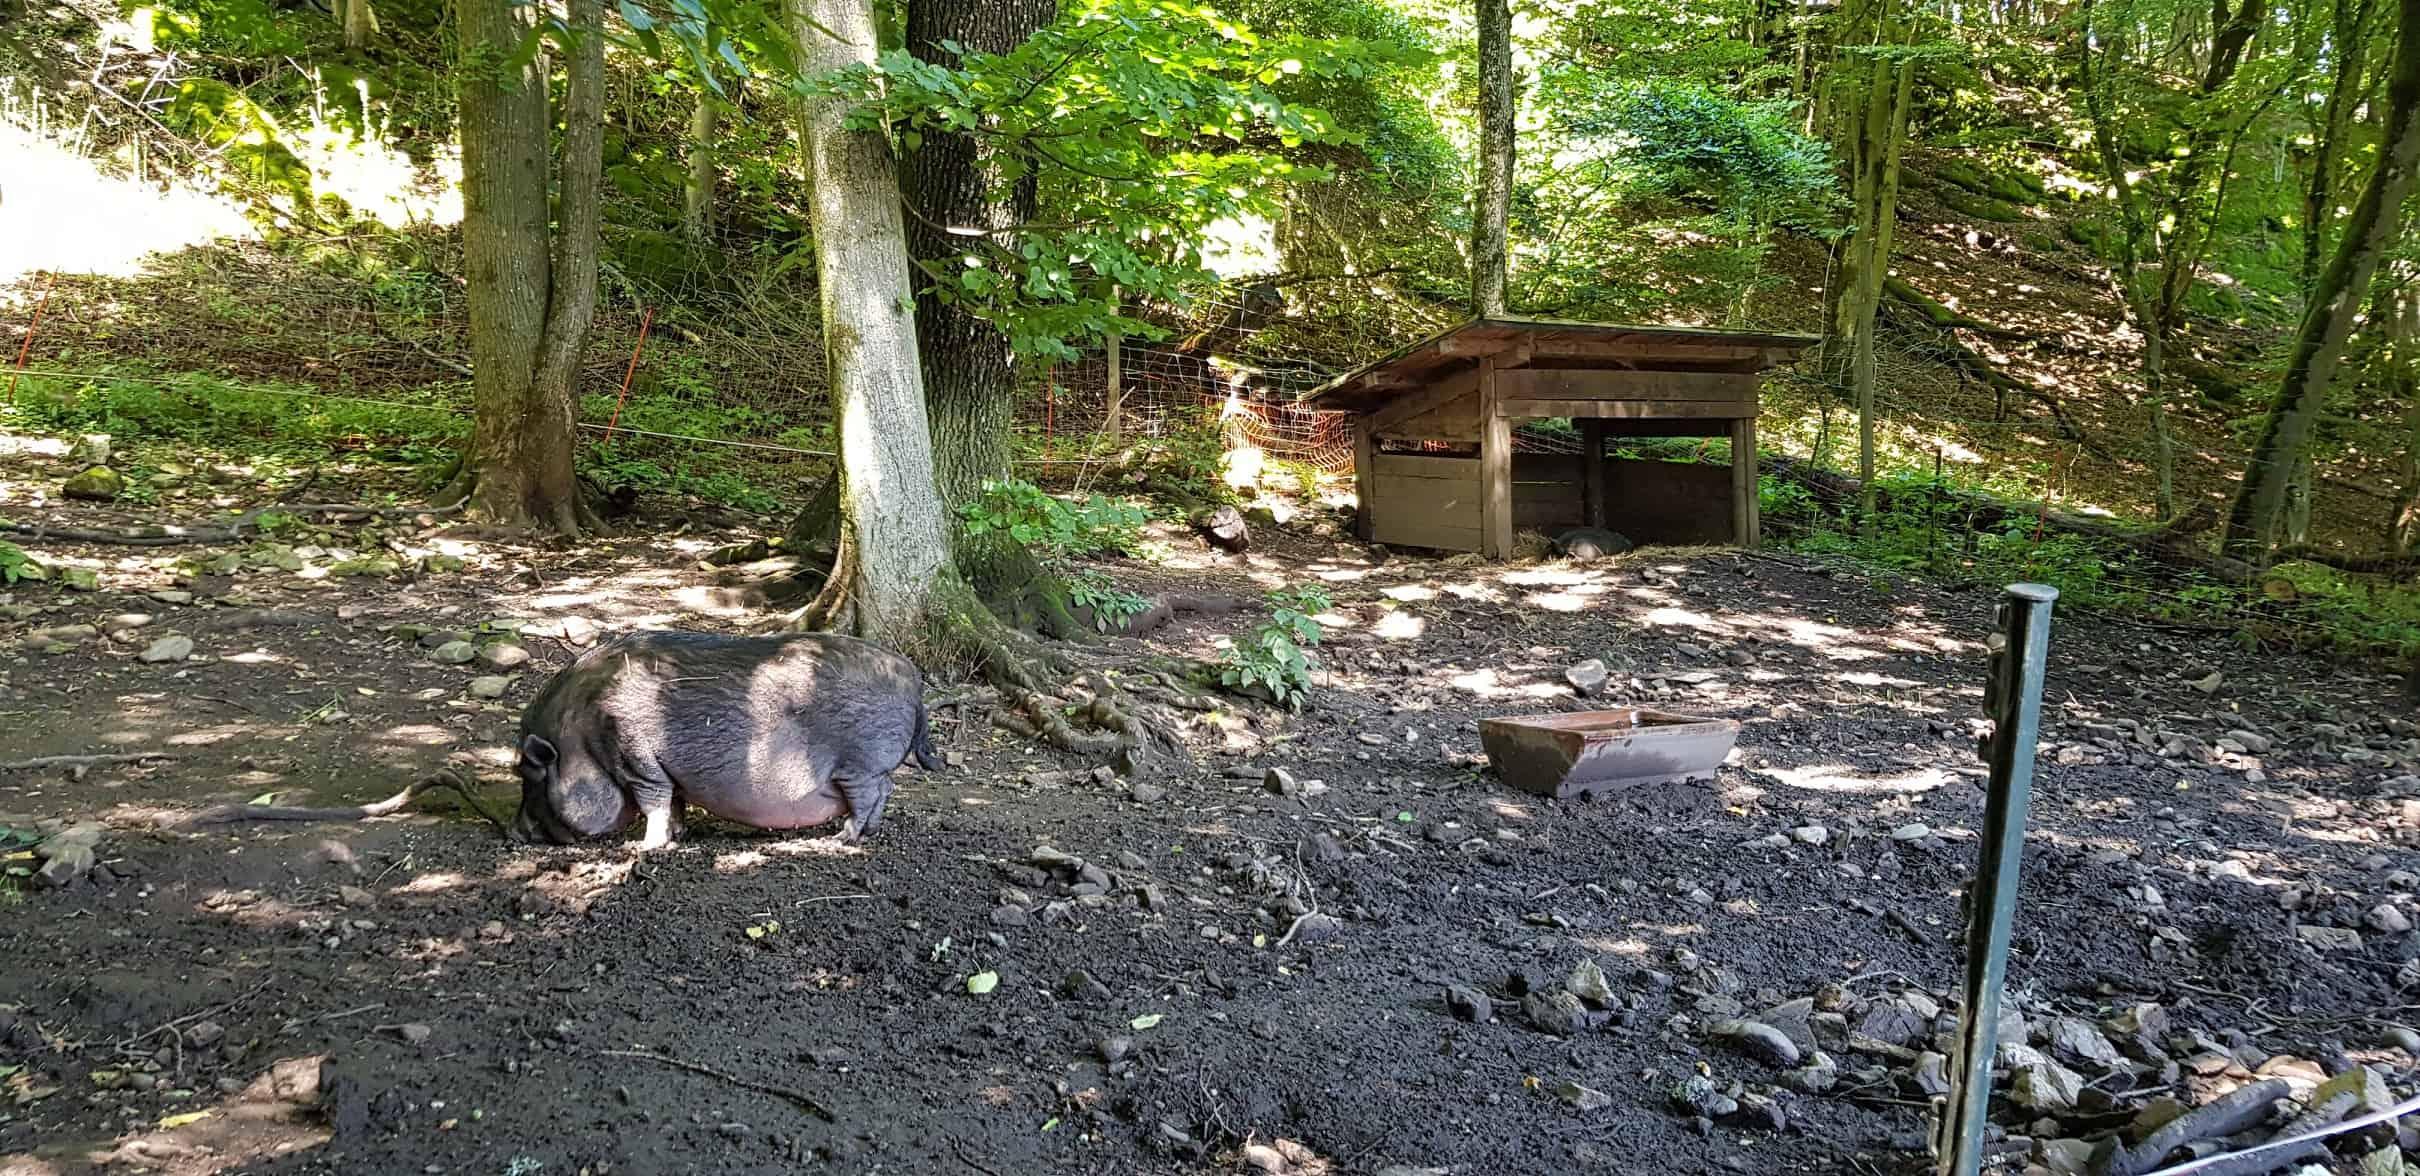 Hängebauchschwein im familienfreundlichen Ausflugsziel in Kärnten